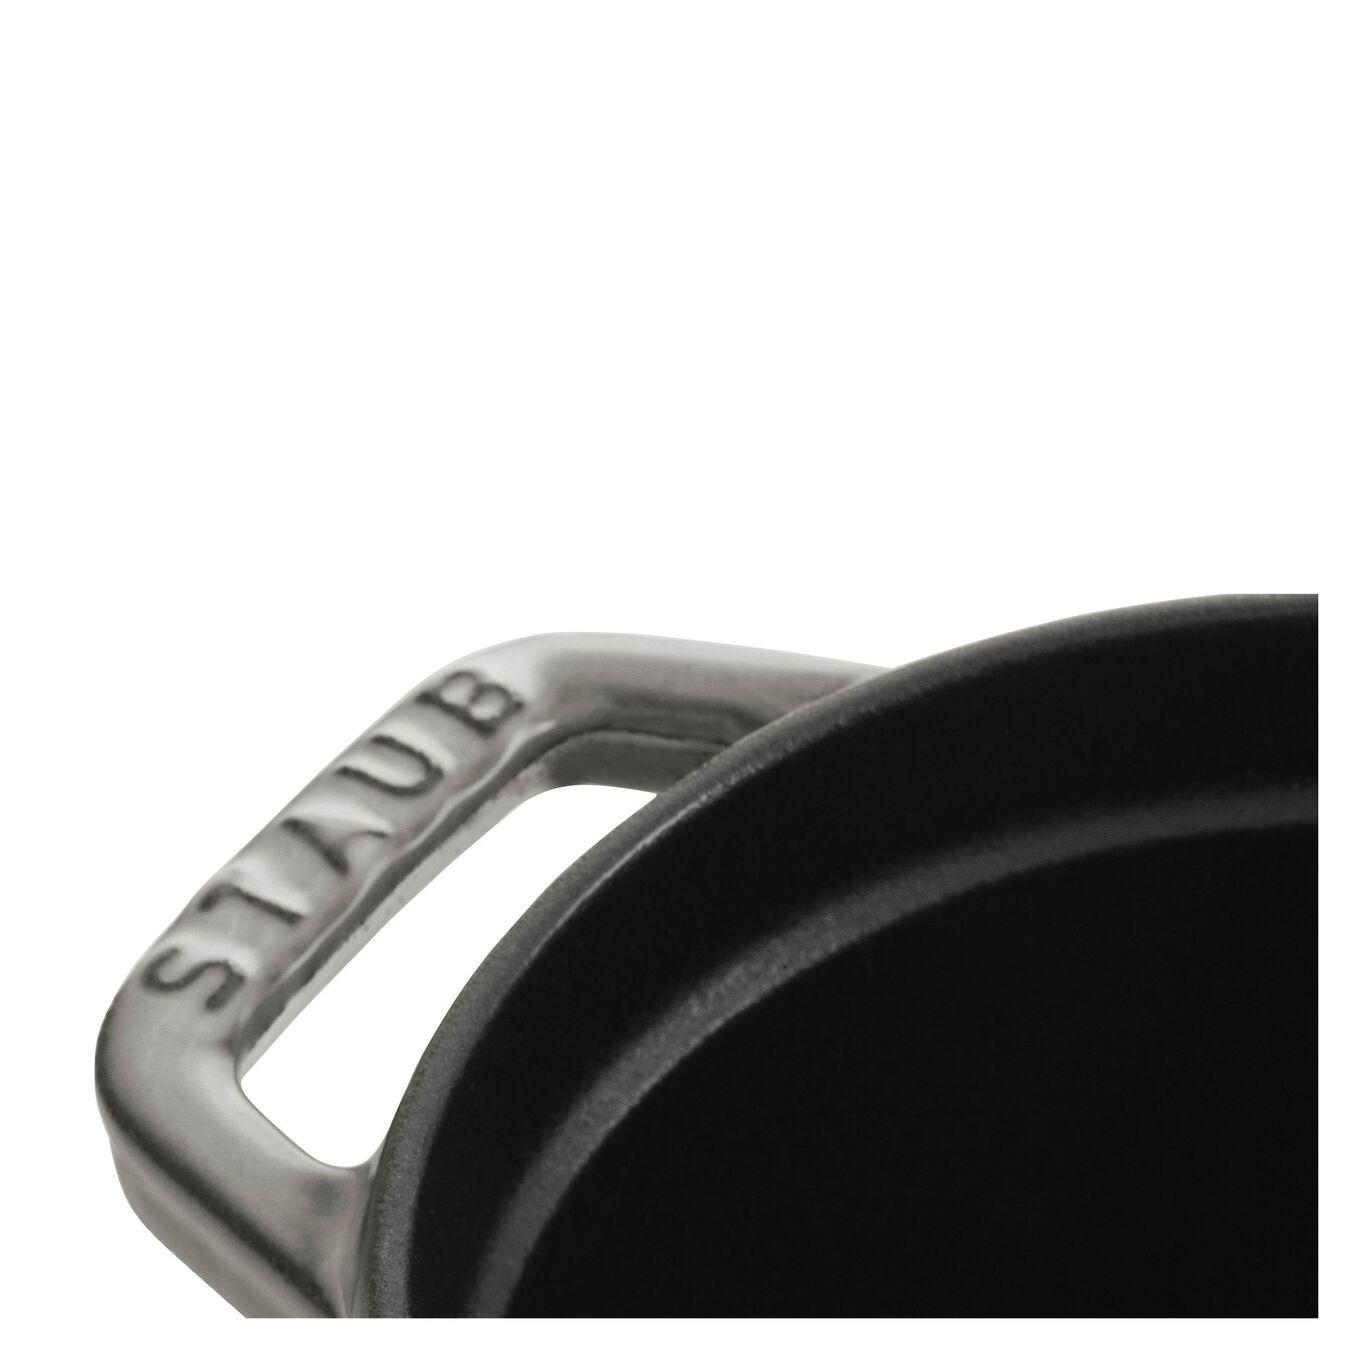 Cocotte 17 cm, Ovale, Gris graphite, Fonte,,large 4